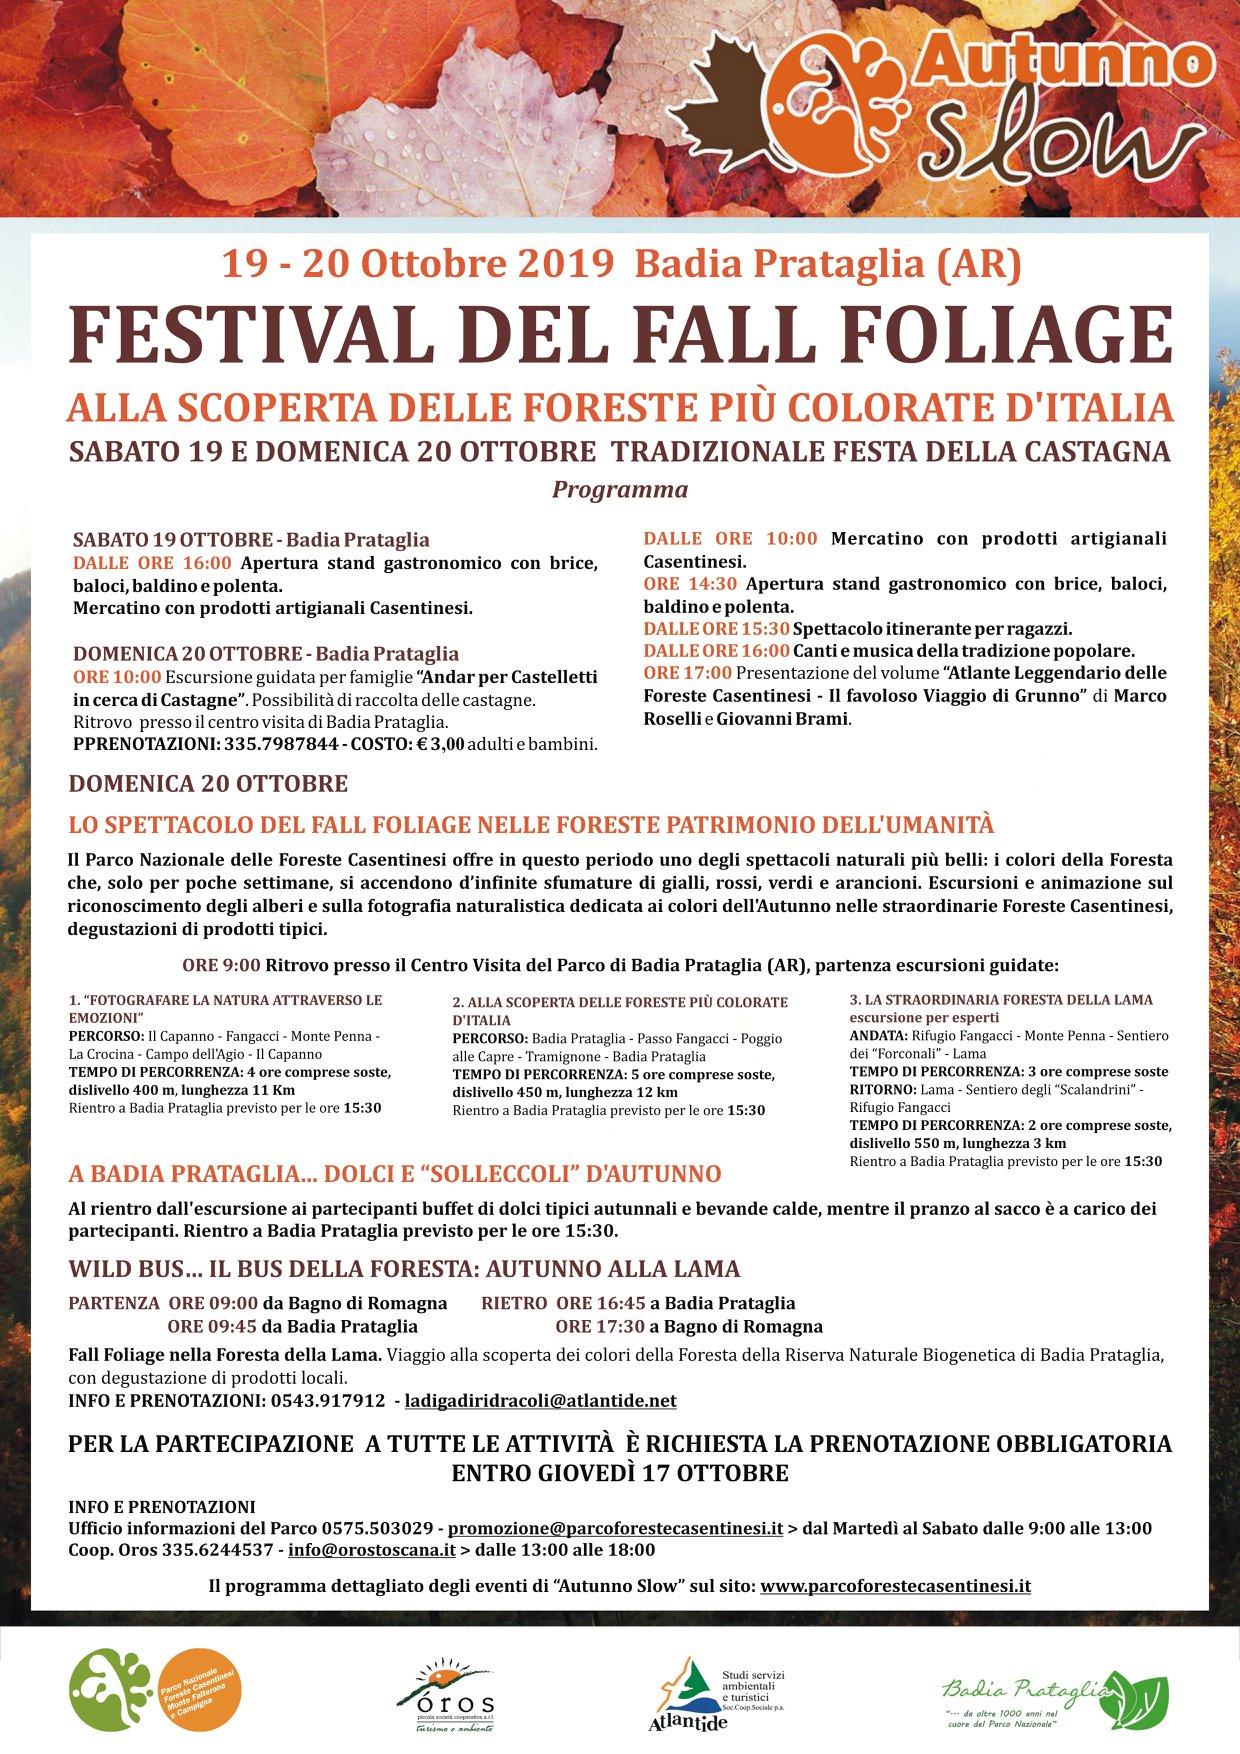 Festival del Fall Foliage 2019 a Badia Prataglia